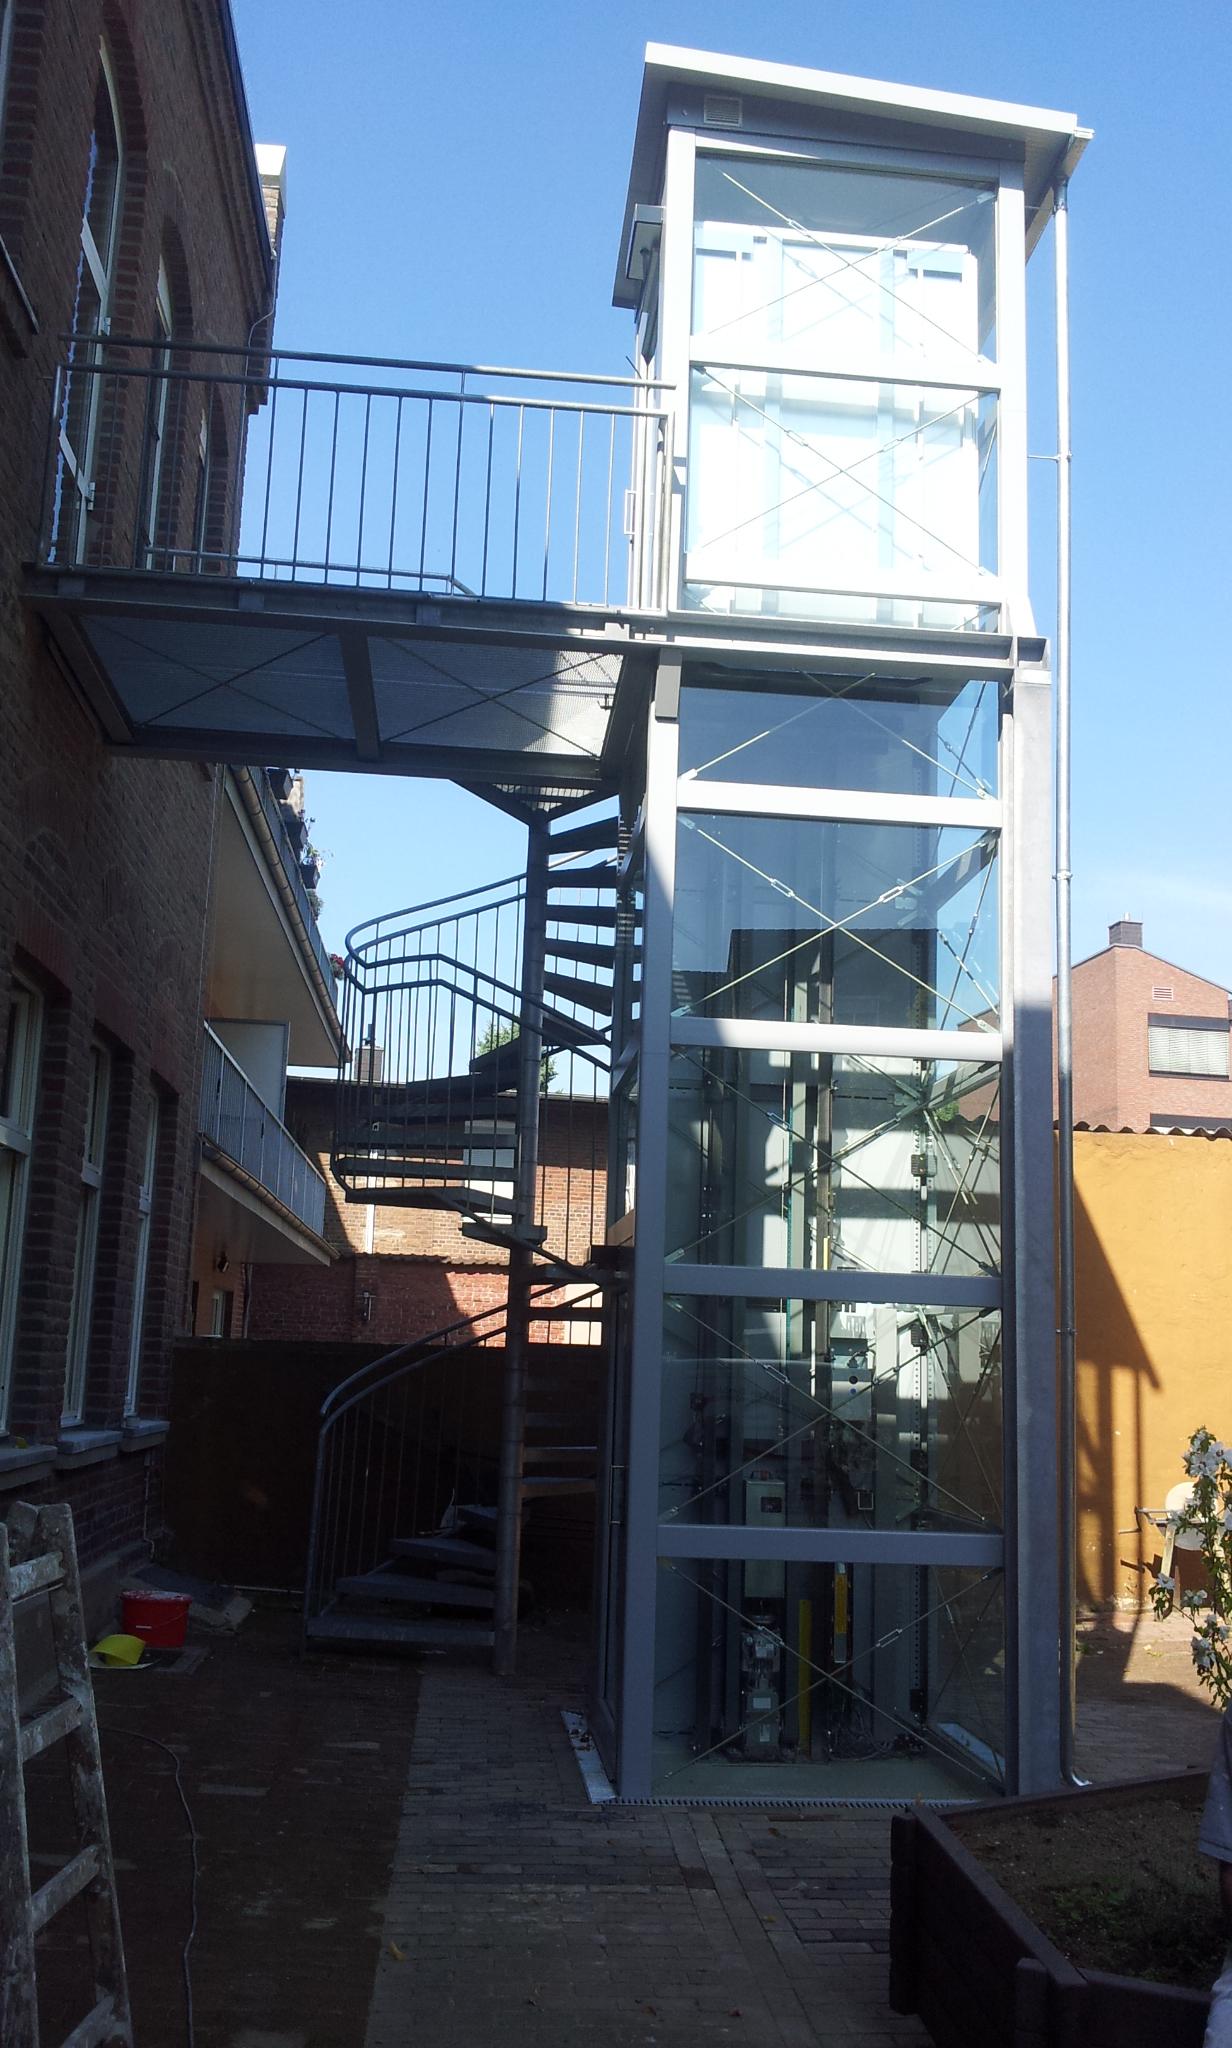 Glasaufzug mit Brücke oben als Zugang